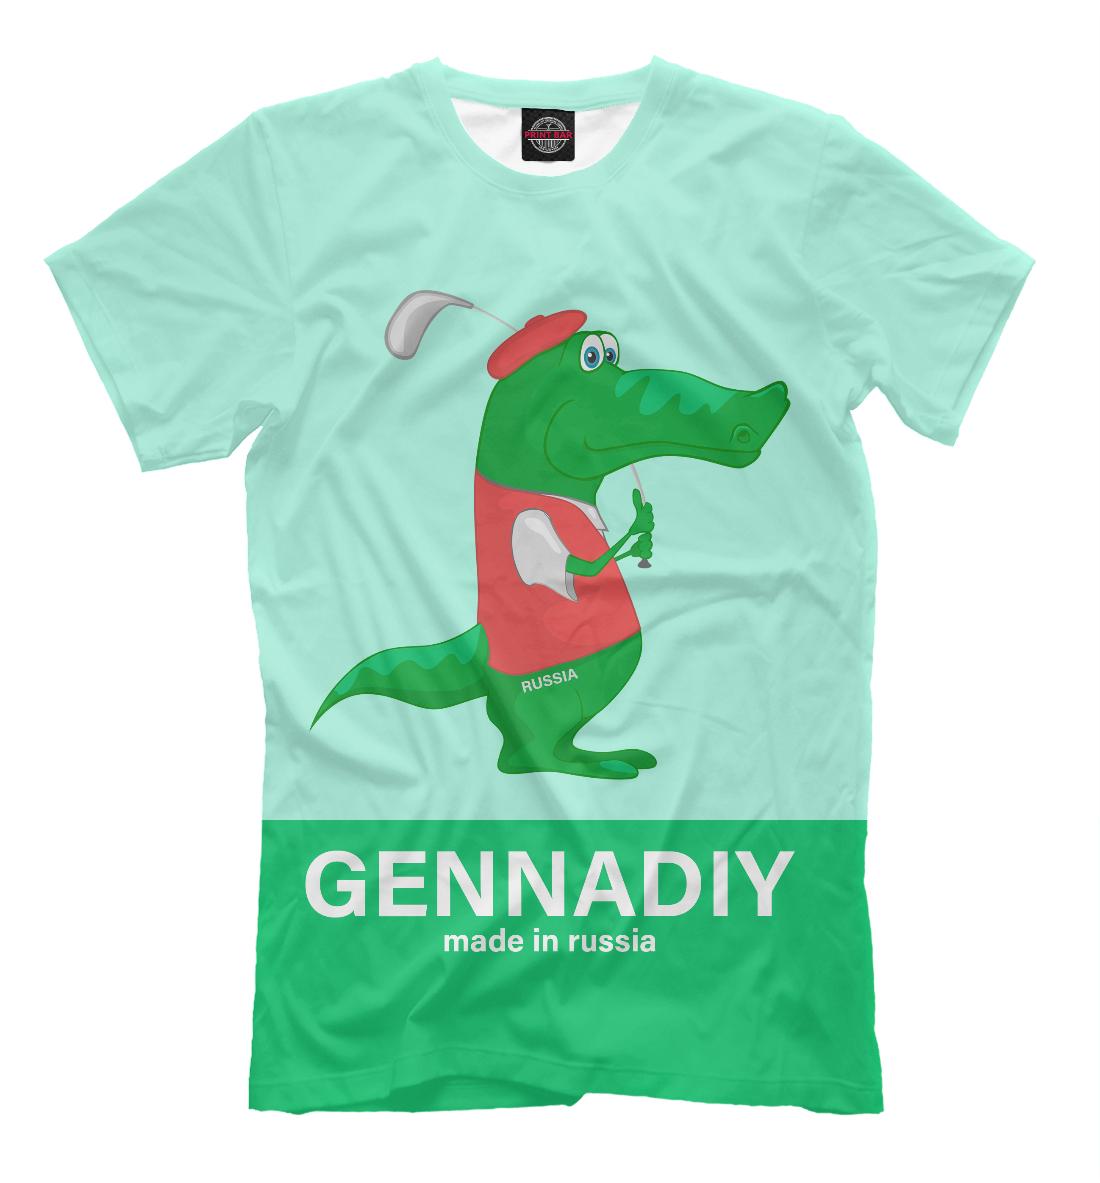 Купить Gennadiy made in Russia, Printbar, Футболки, APD-224668-fut-2